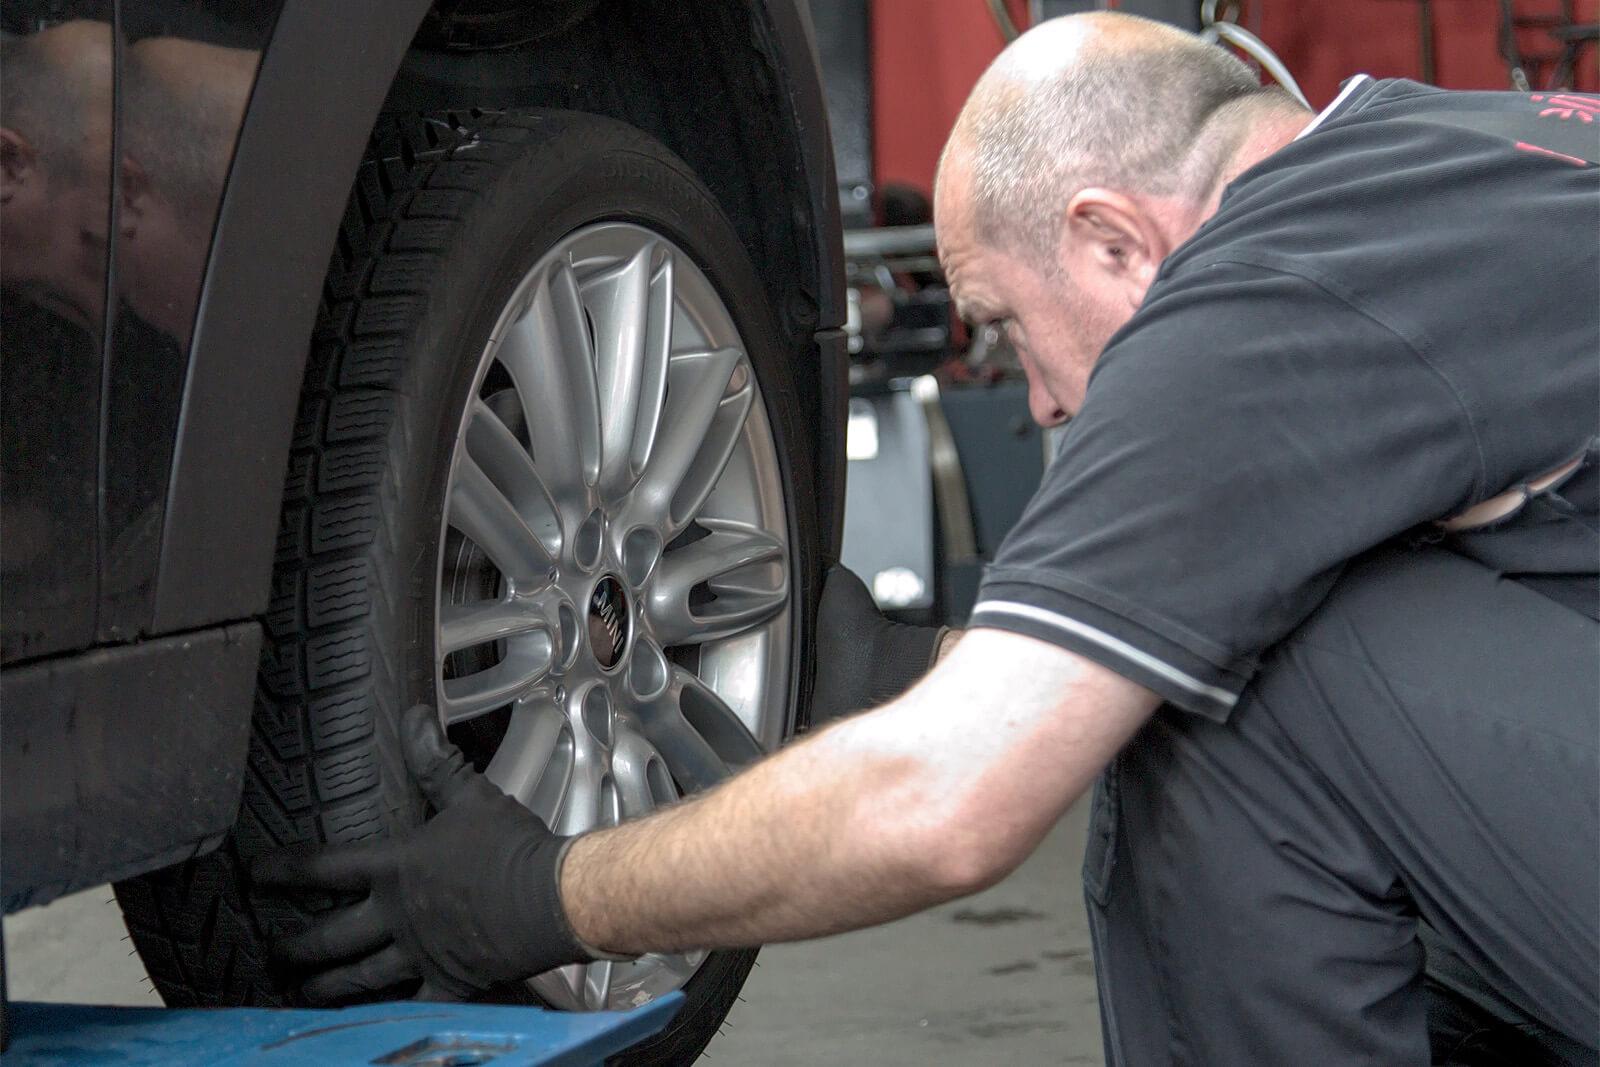 ein Mechaniker wechselt einen Reifen